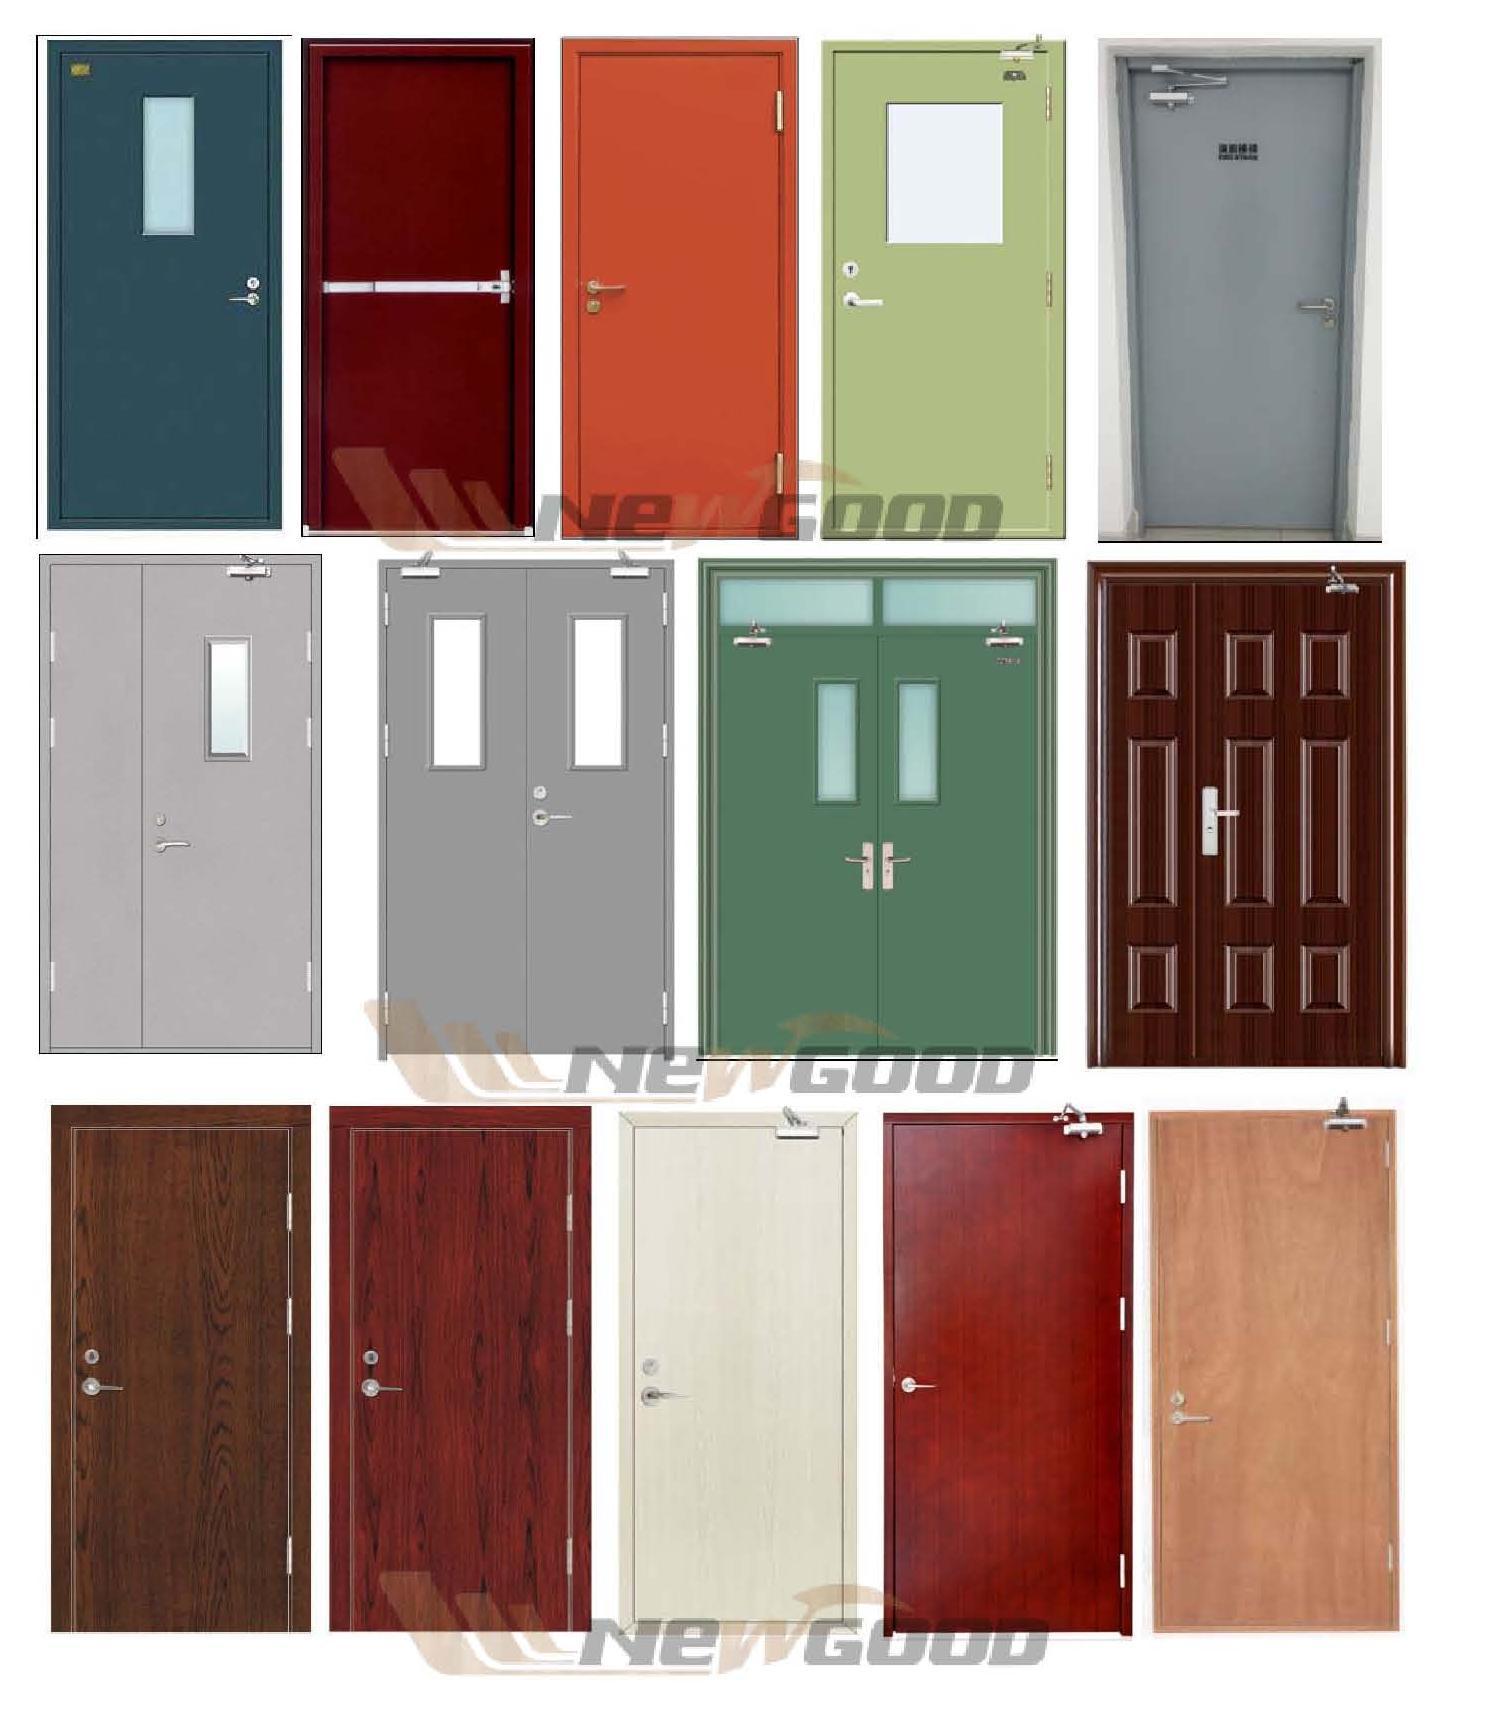 BS476: 22 Fire Rated Wood Door, Fire Rated Wooden Door, Fire Rated Steel Door Manufacturer (Competitive Prices $86/SET)